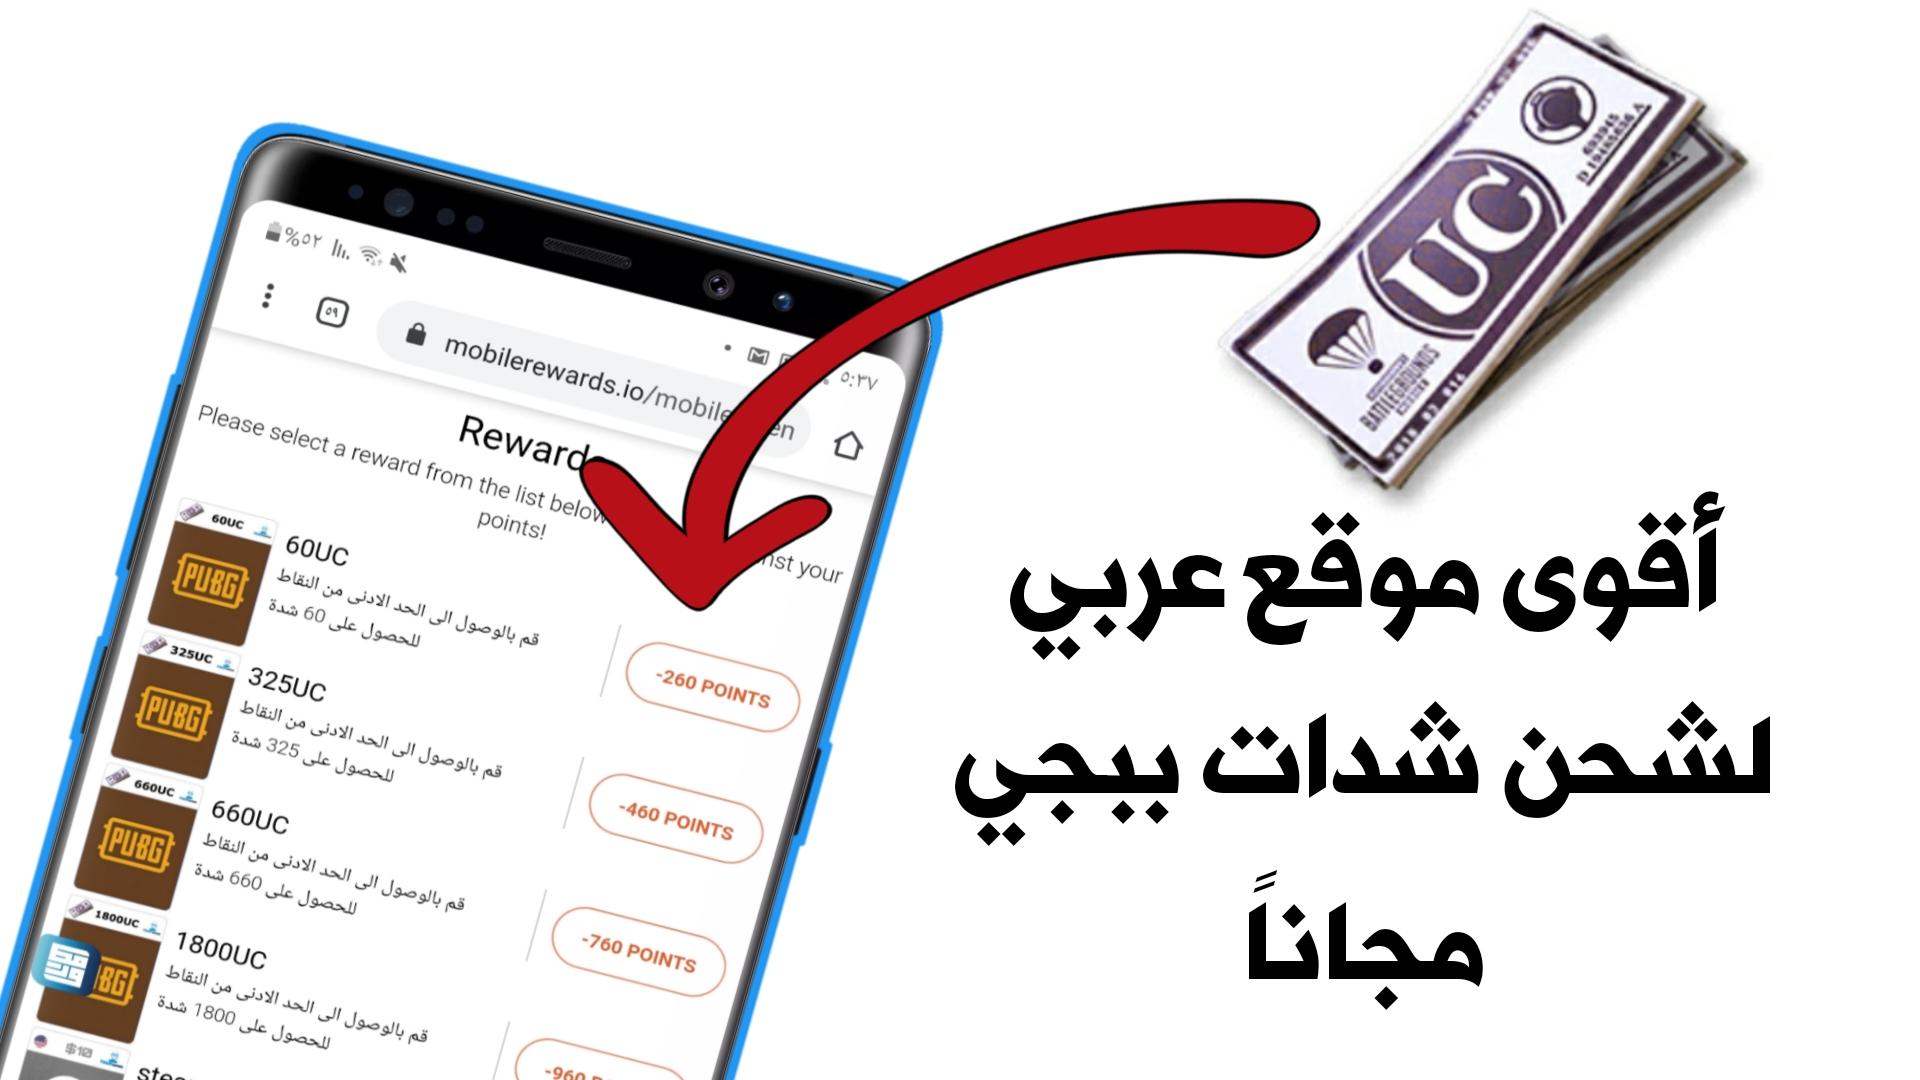 تعرف على هذا الموقع العربي لشحن شدات ببجي مجاناً !!! جرب الآن وأشحن حسابك ببجي مجاناً